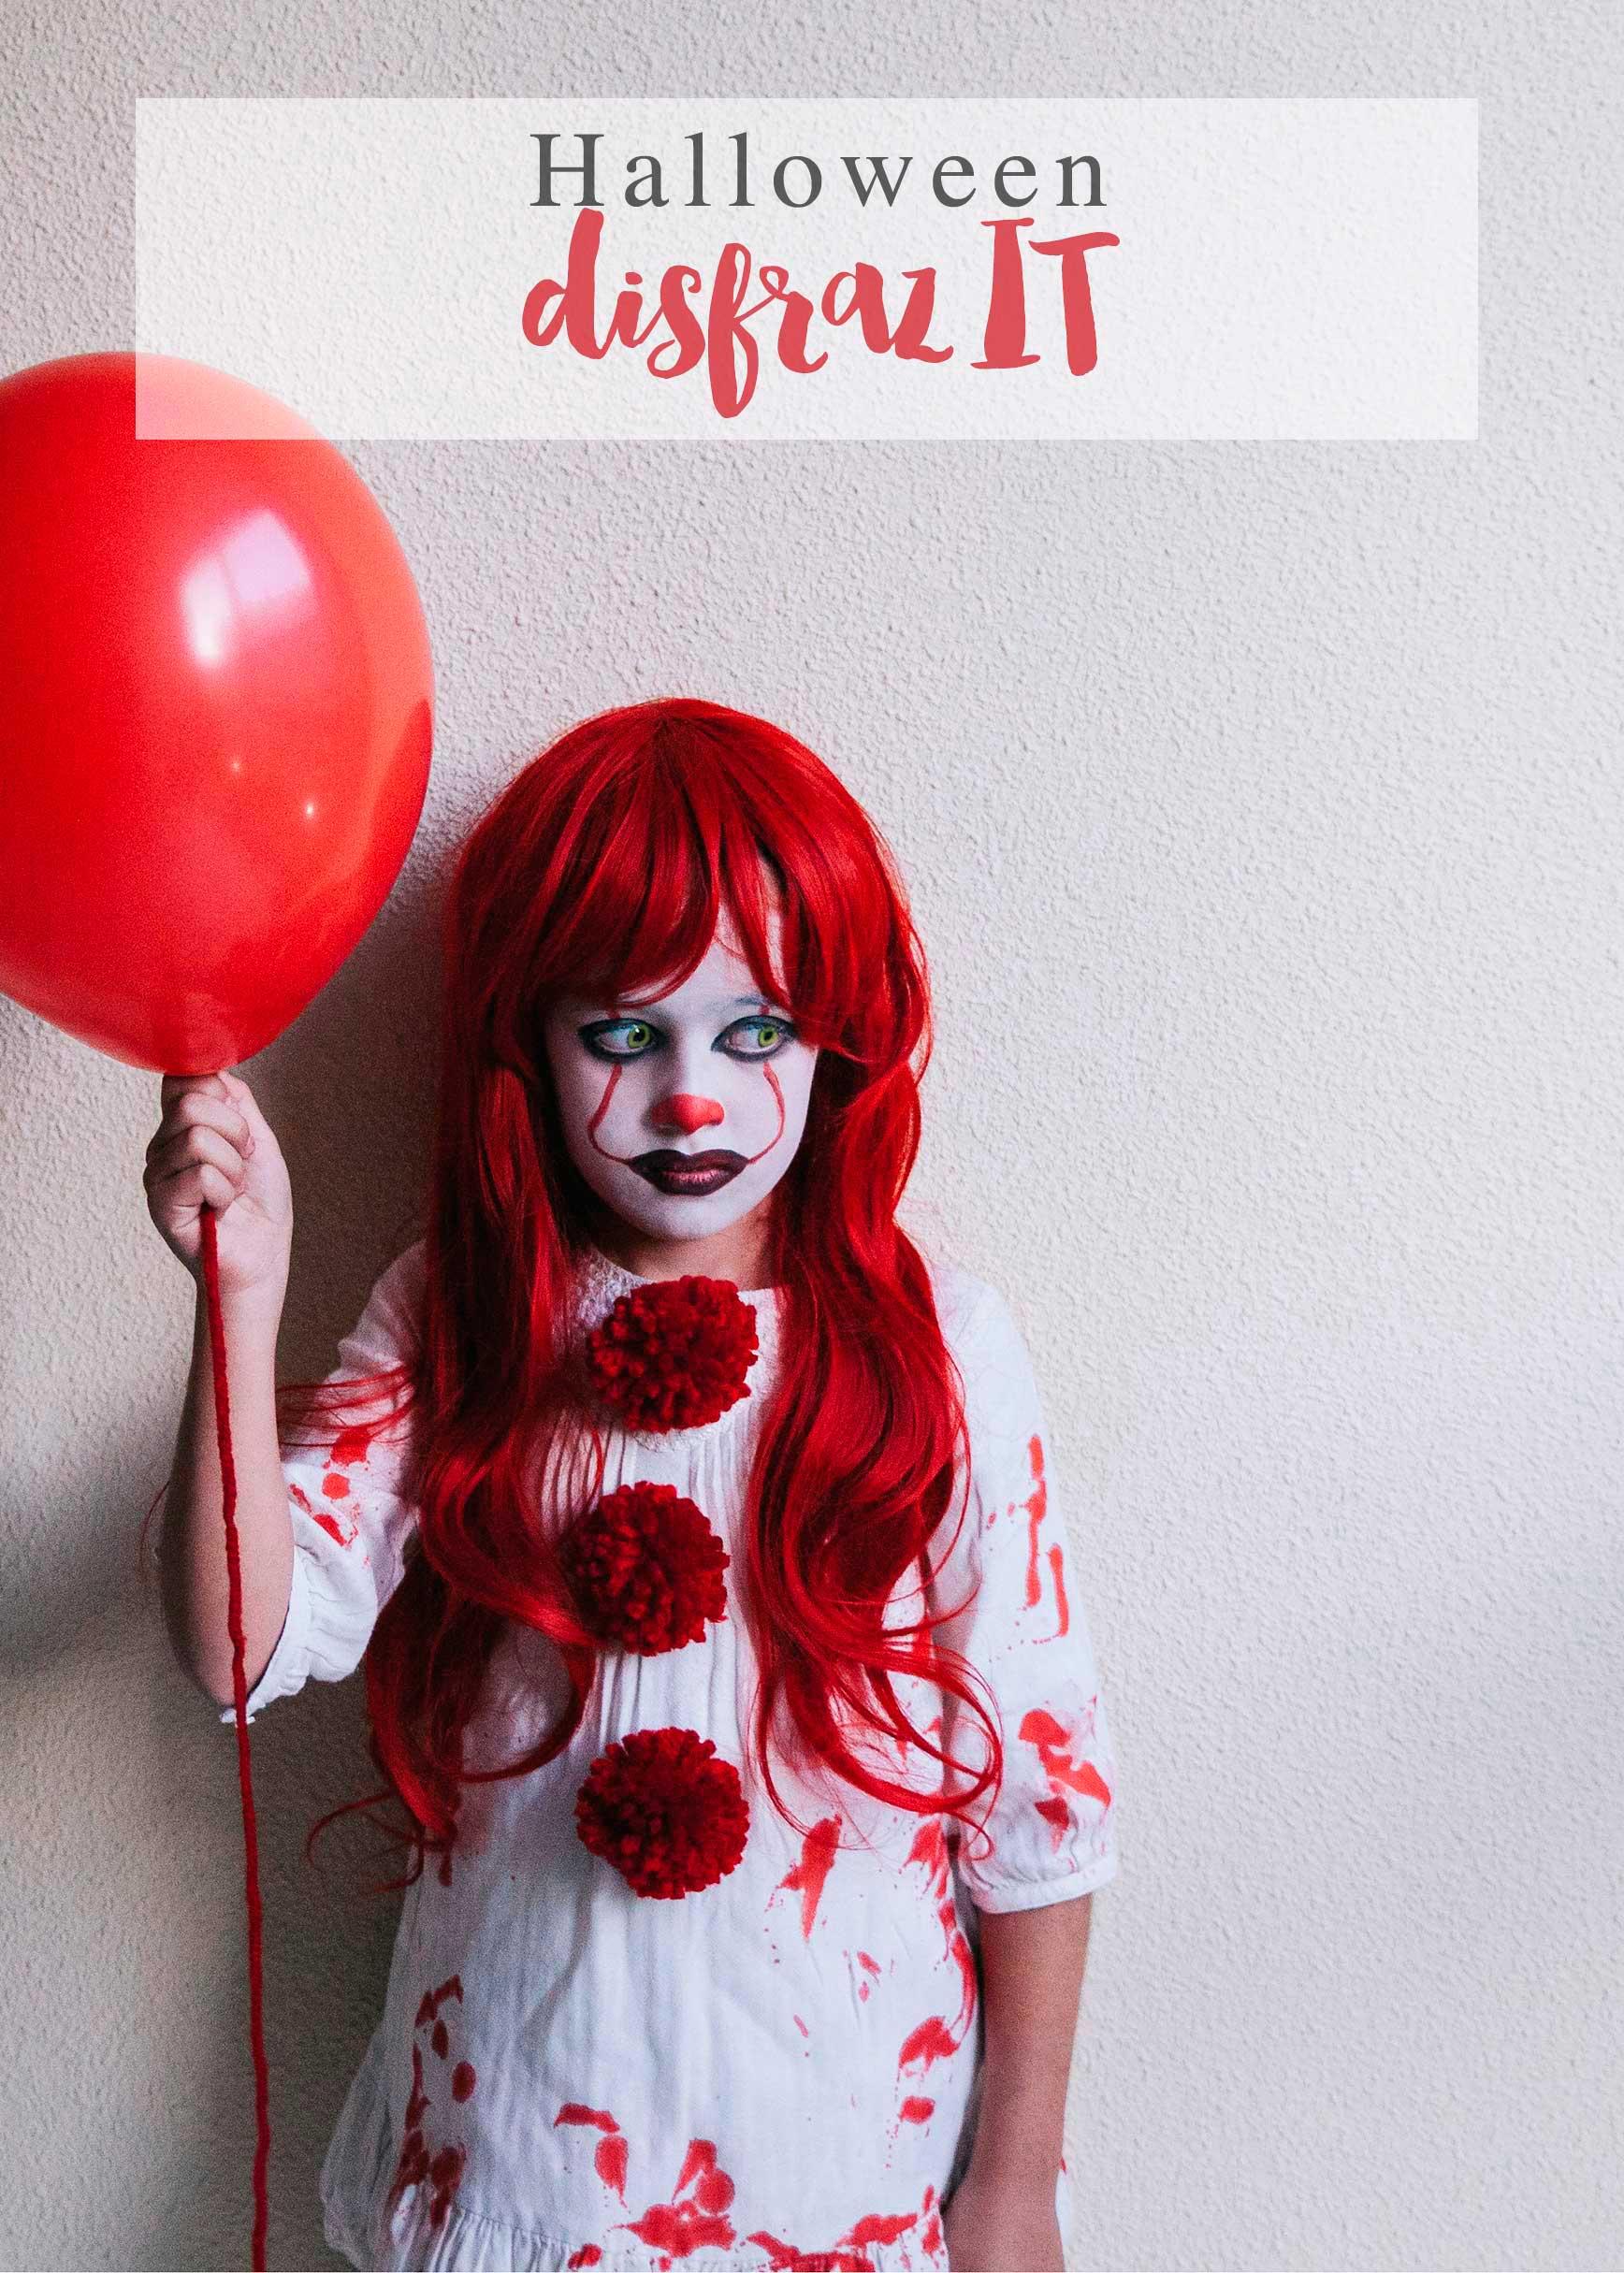 Disfraz-casero-IT-niña_Halloween_claraBmartin